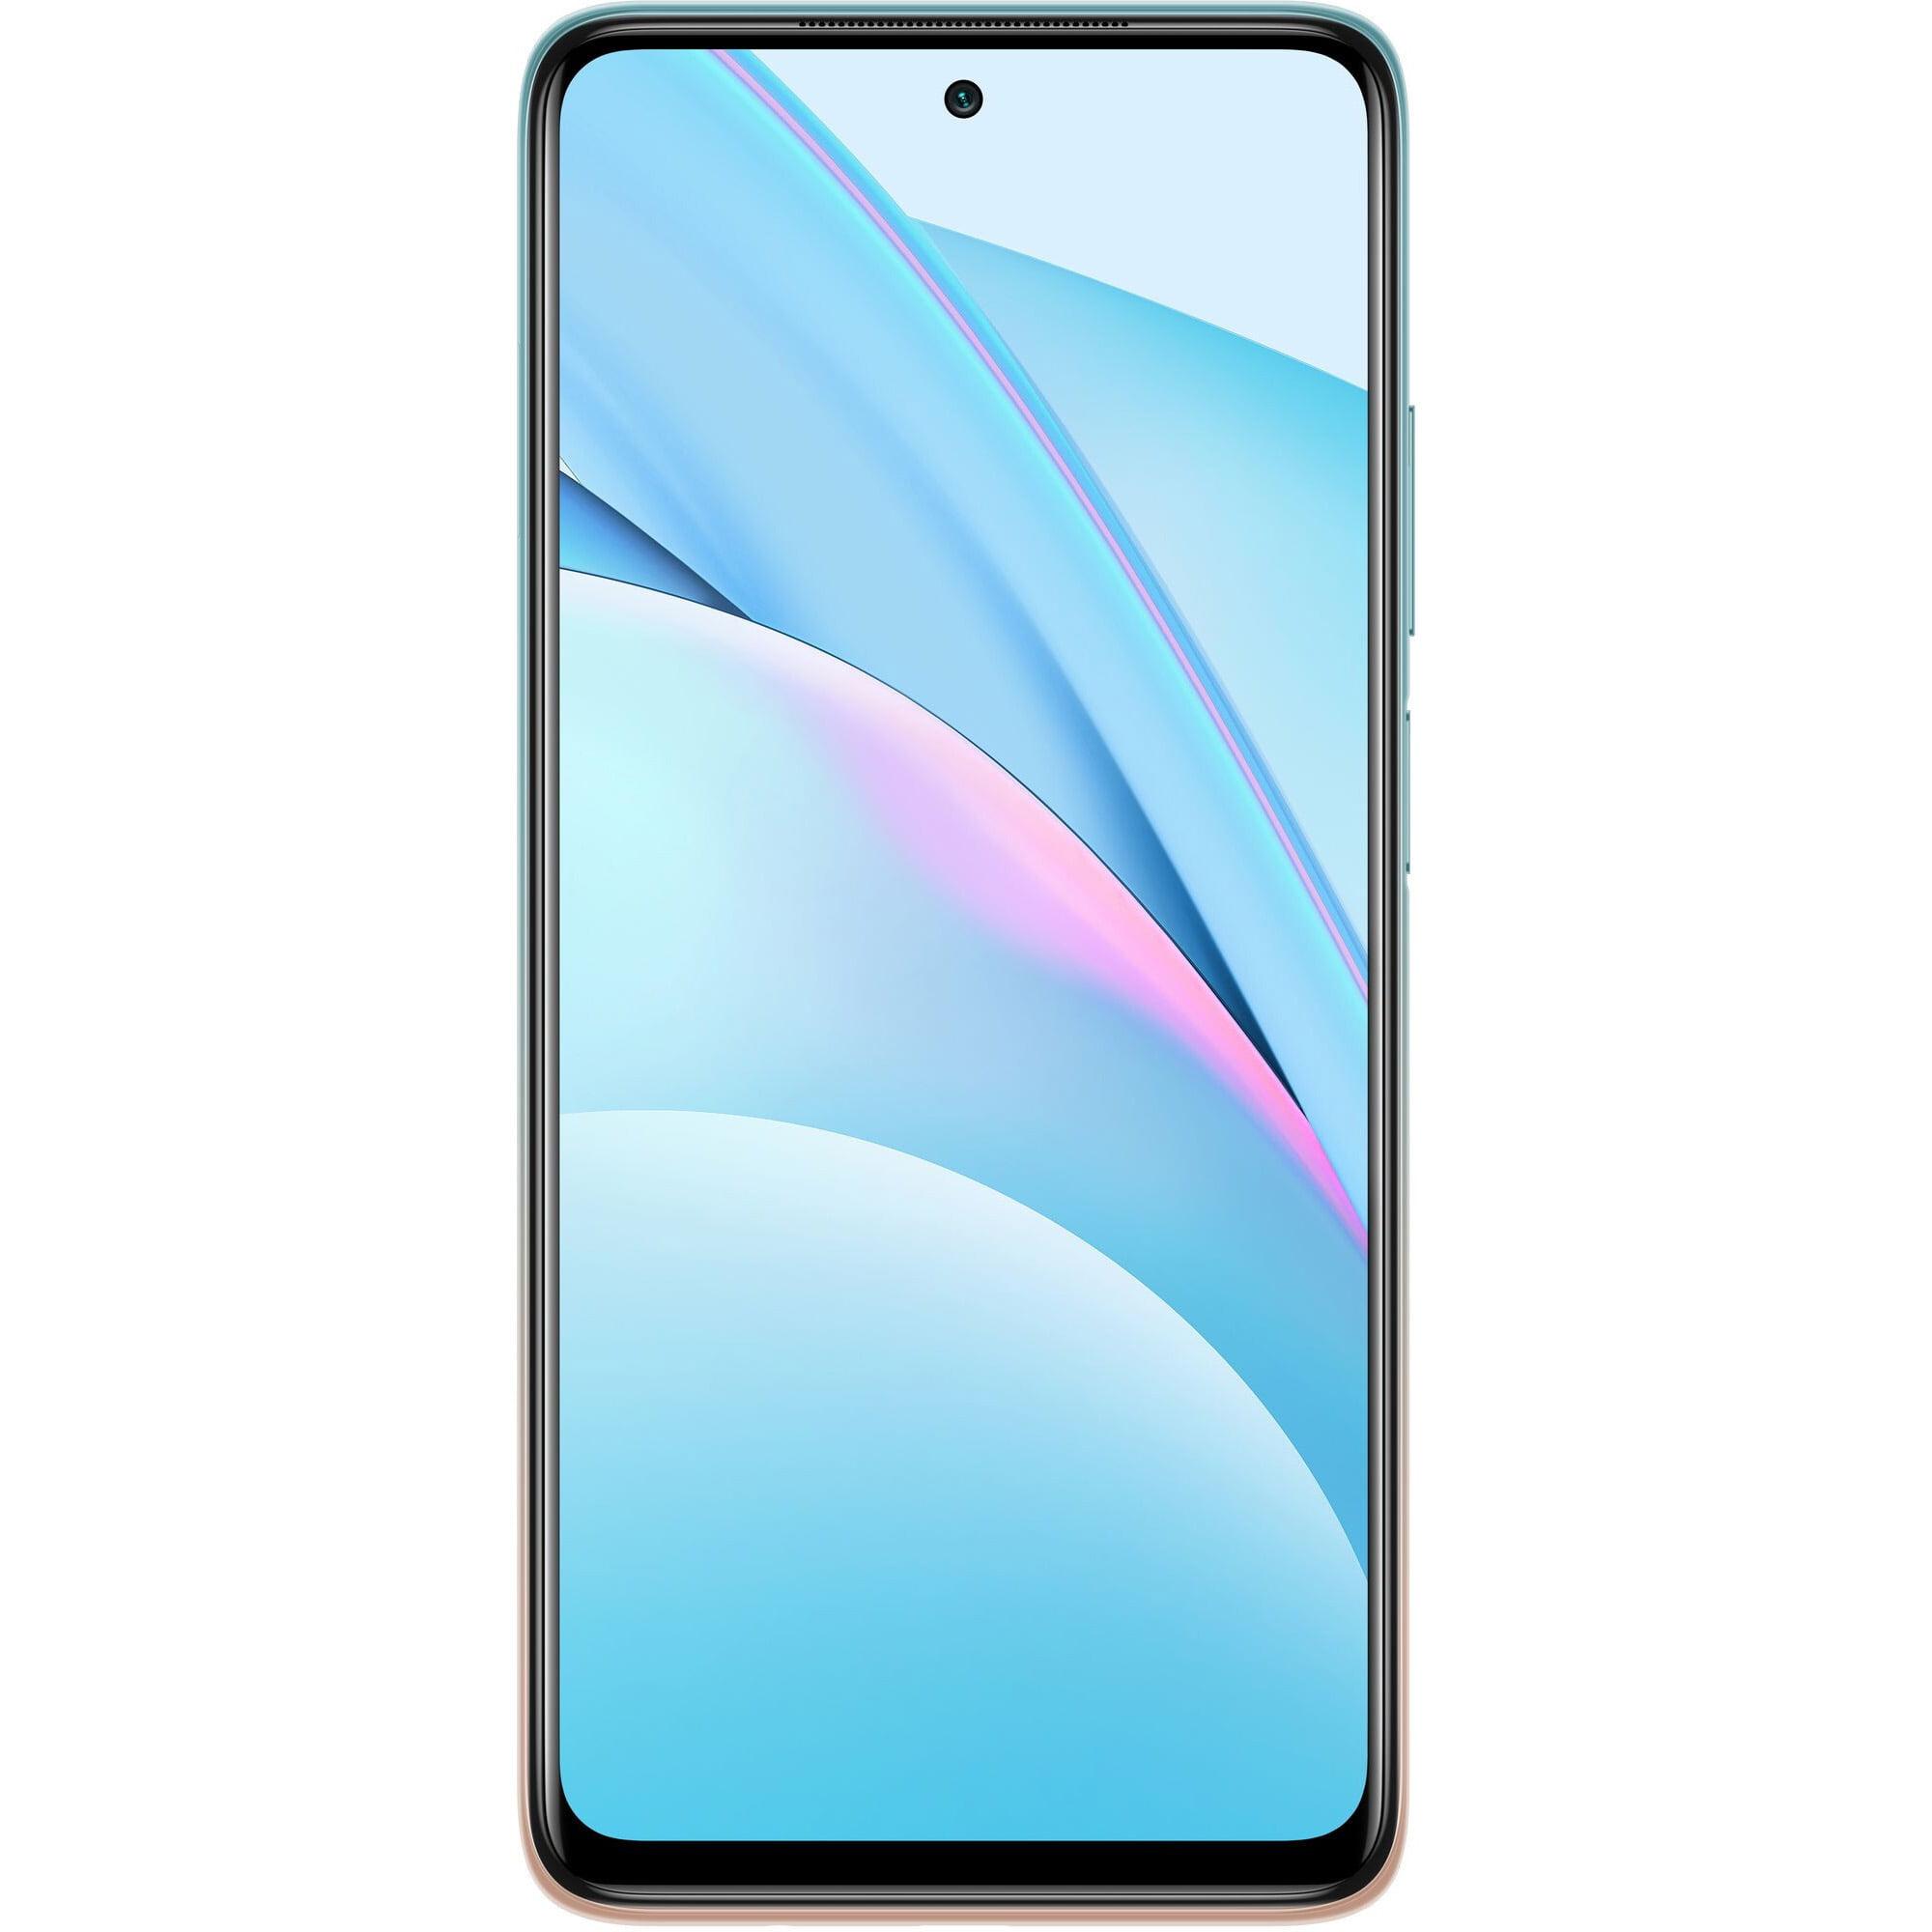 Telefon mobil Xiaomi Mi 10T Lite, Dual SIM, 128GB, 6GB RAM, 5G, Rose Gold Beach